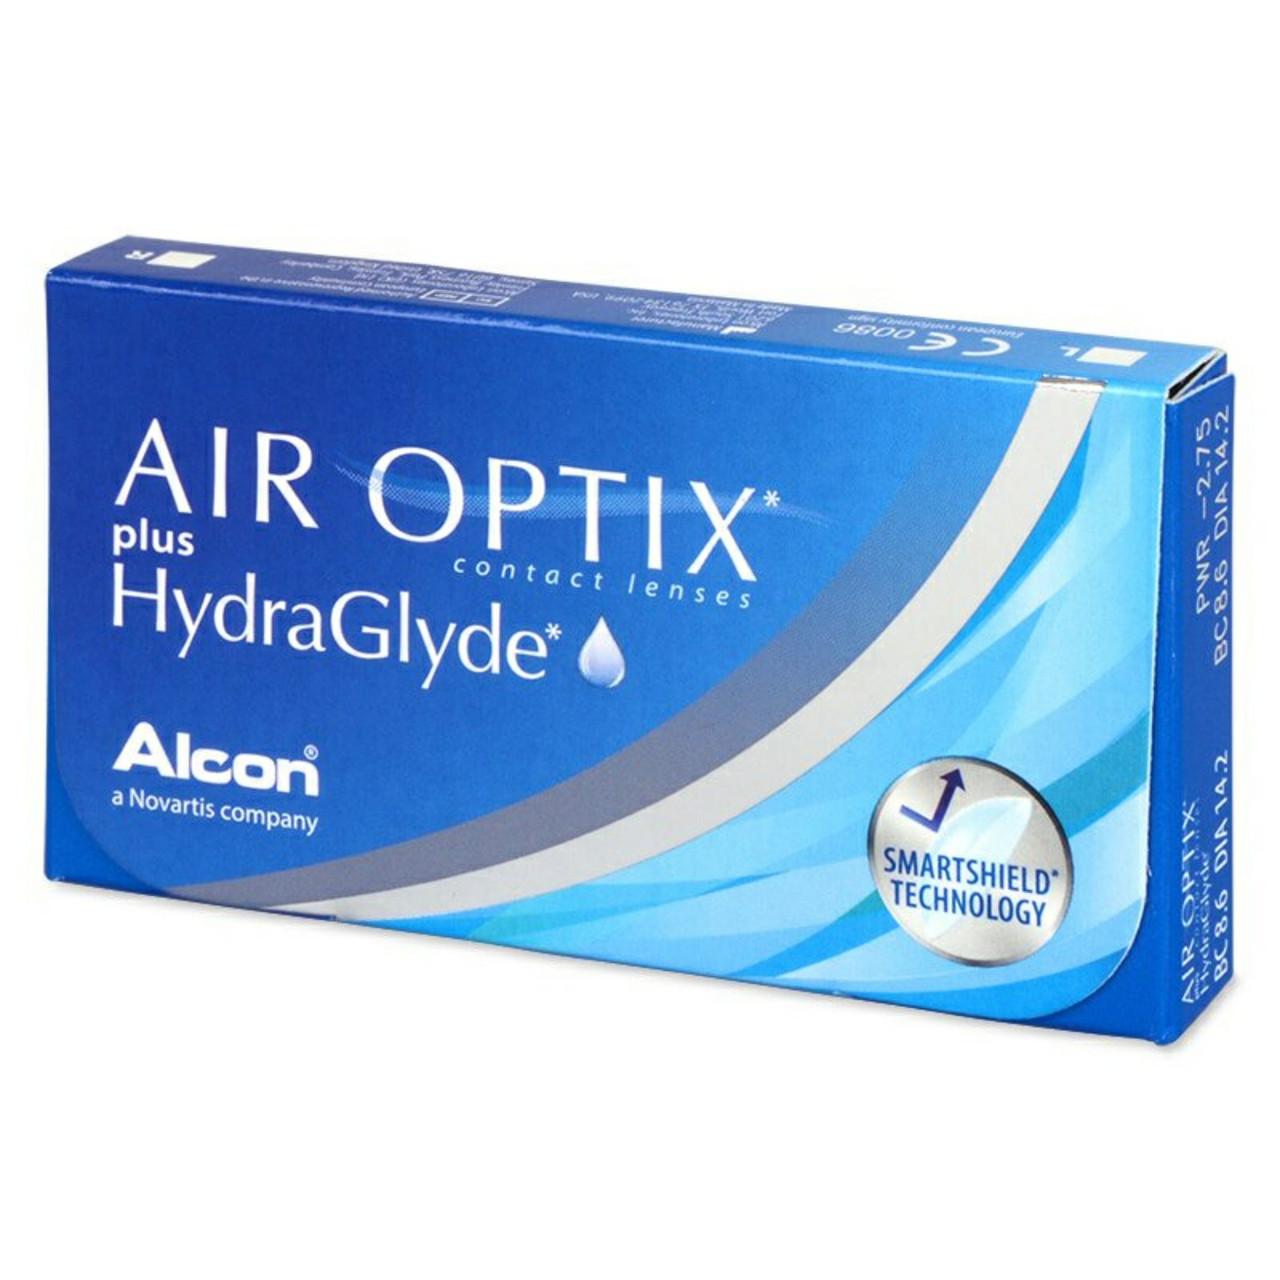 Контактные линзы +2,75 Air Optix plus HydraGlyde